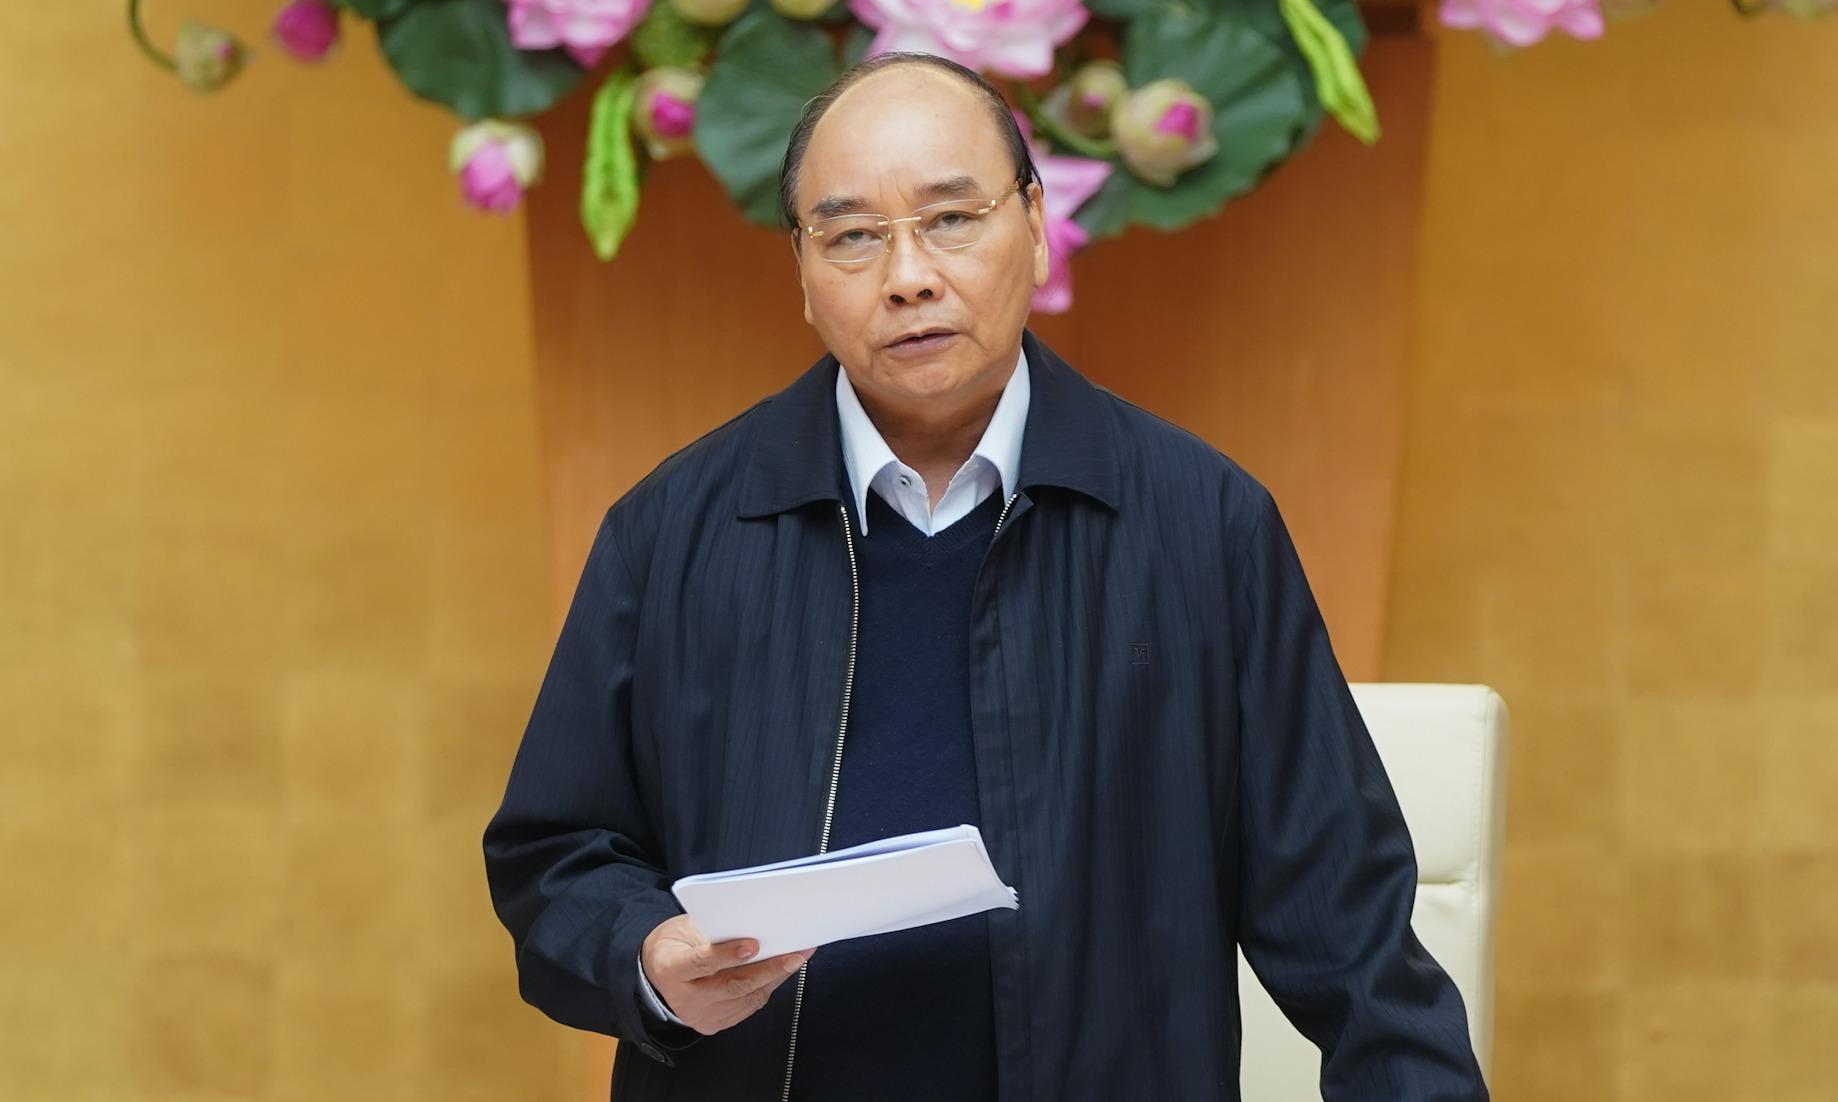 Thủ tướng ra chỉ thị mới về việc cơ sở kinh doanh nào được phép hoạt động lại - Ảnh 1.